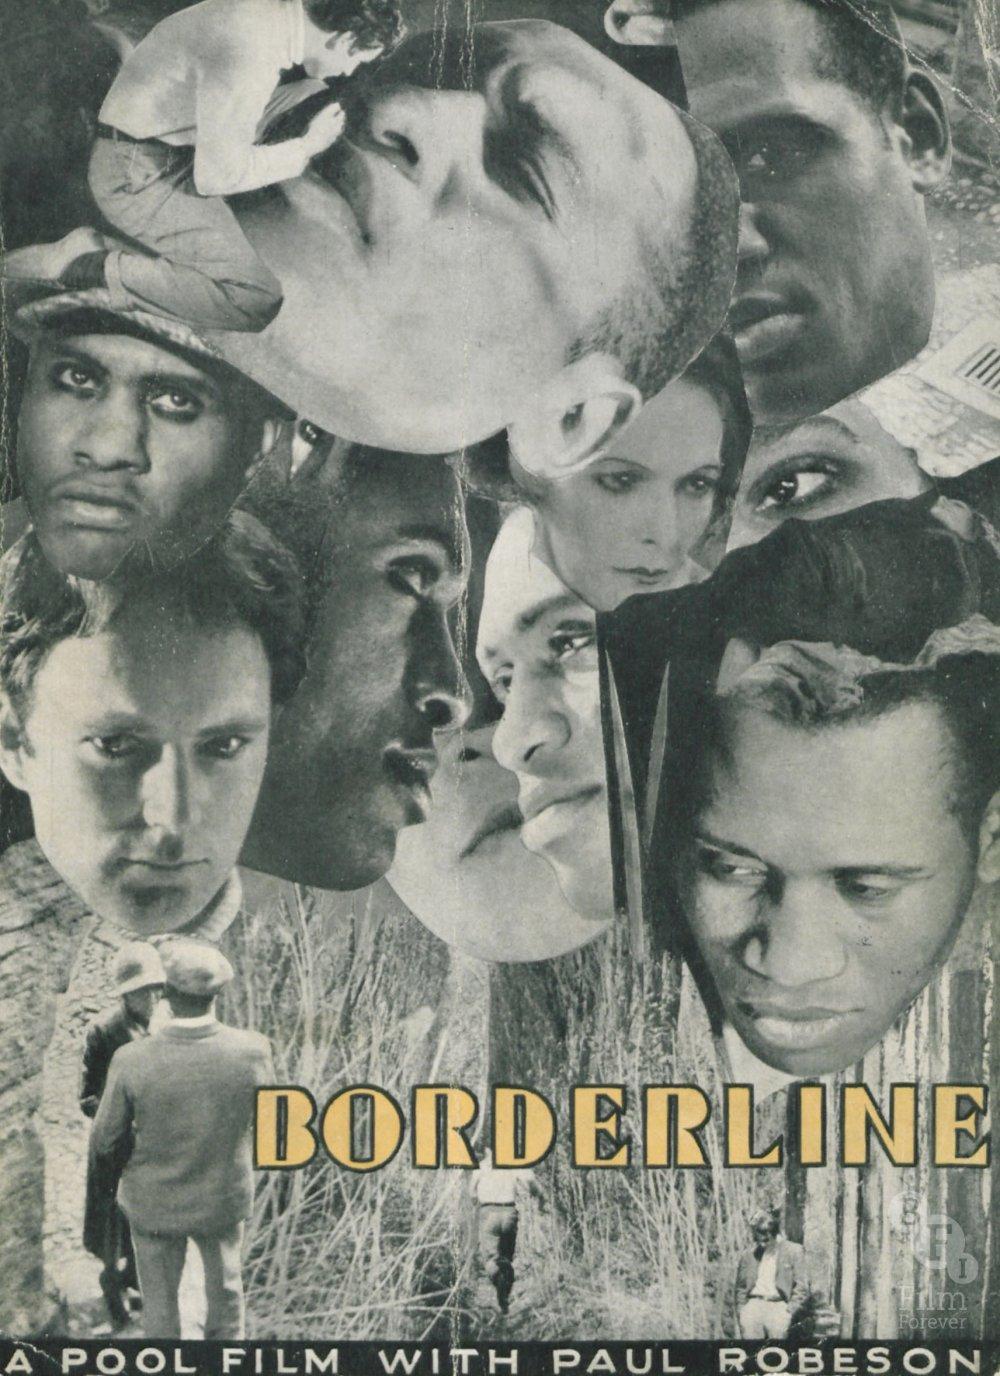 Borderline (1930) promotional booklet